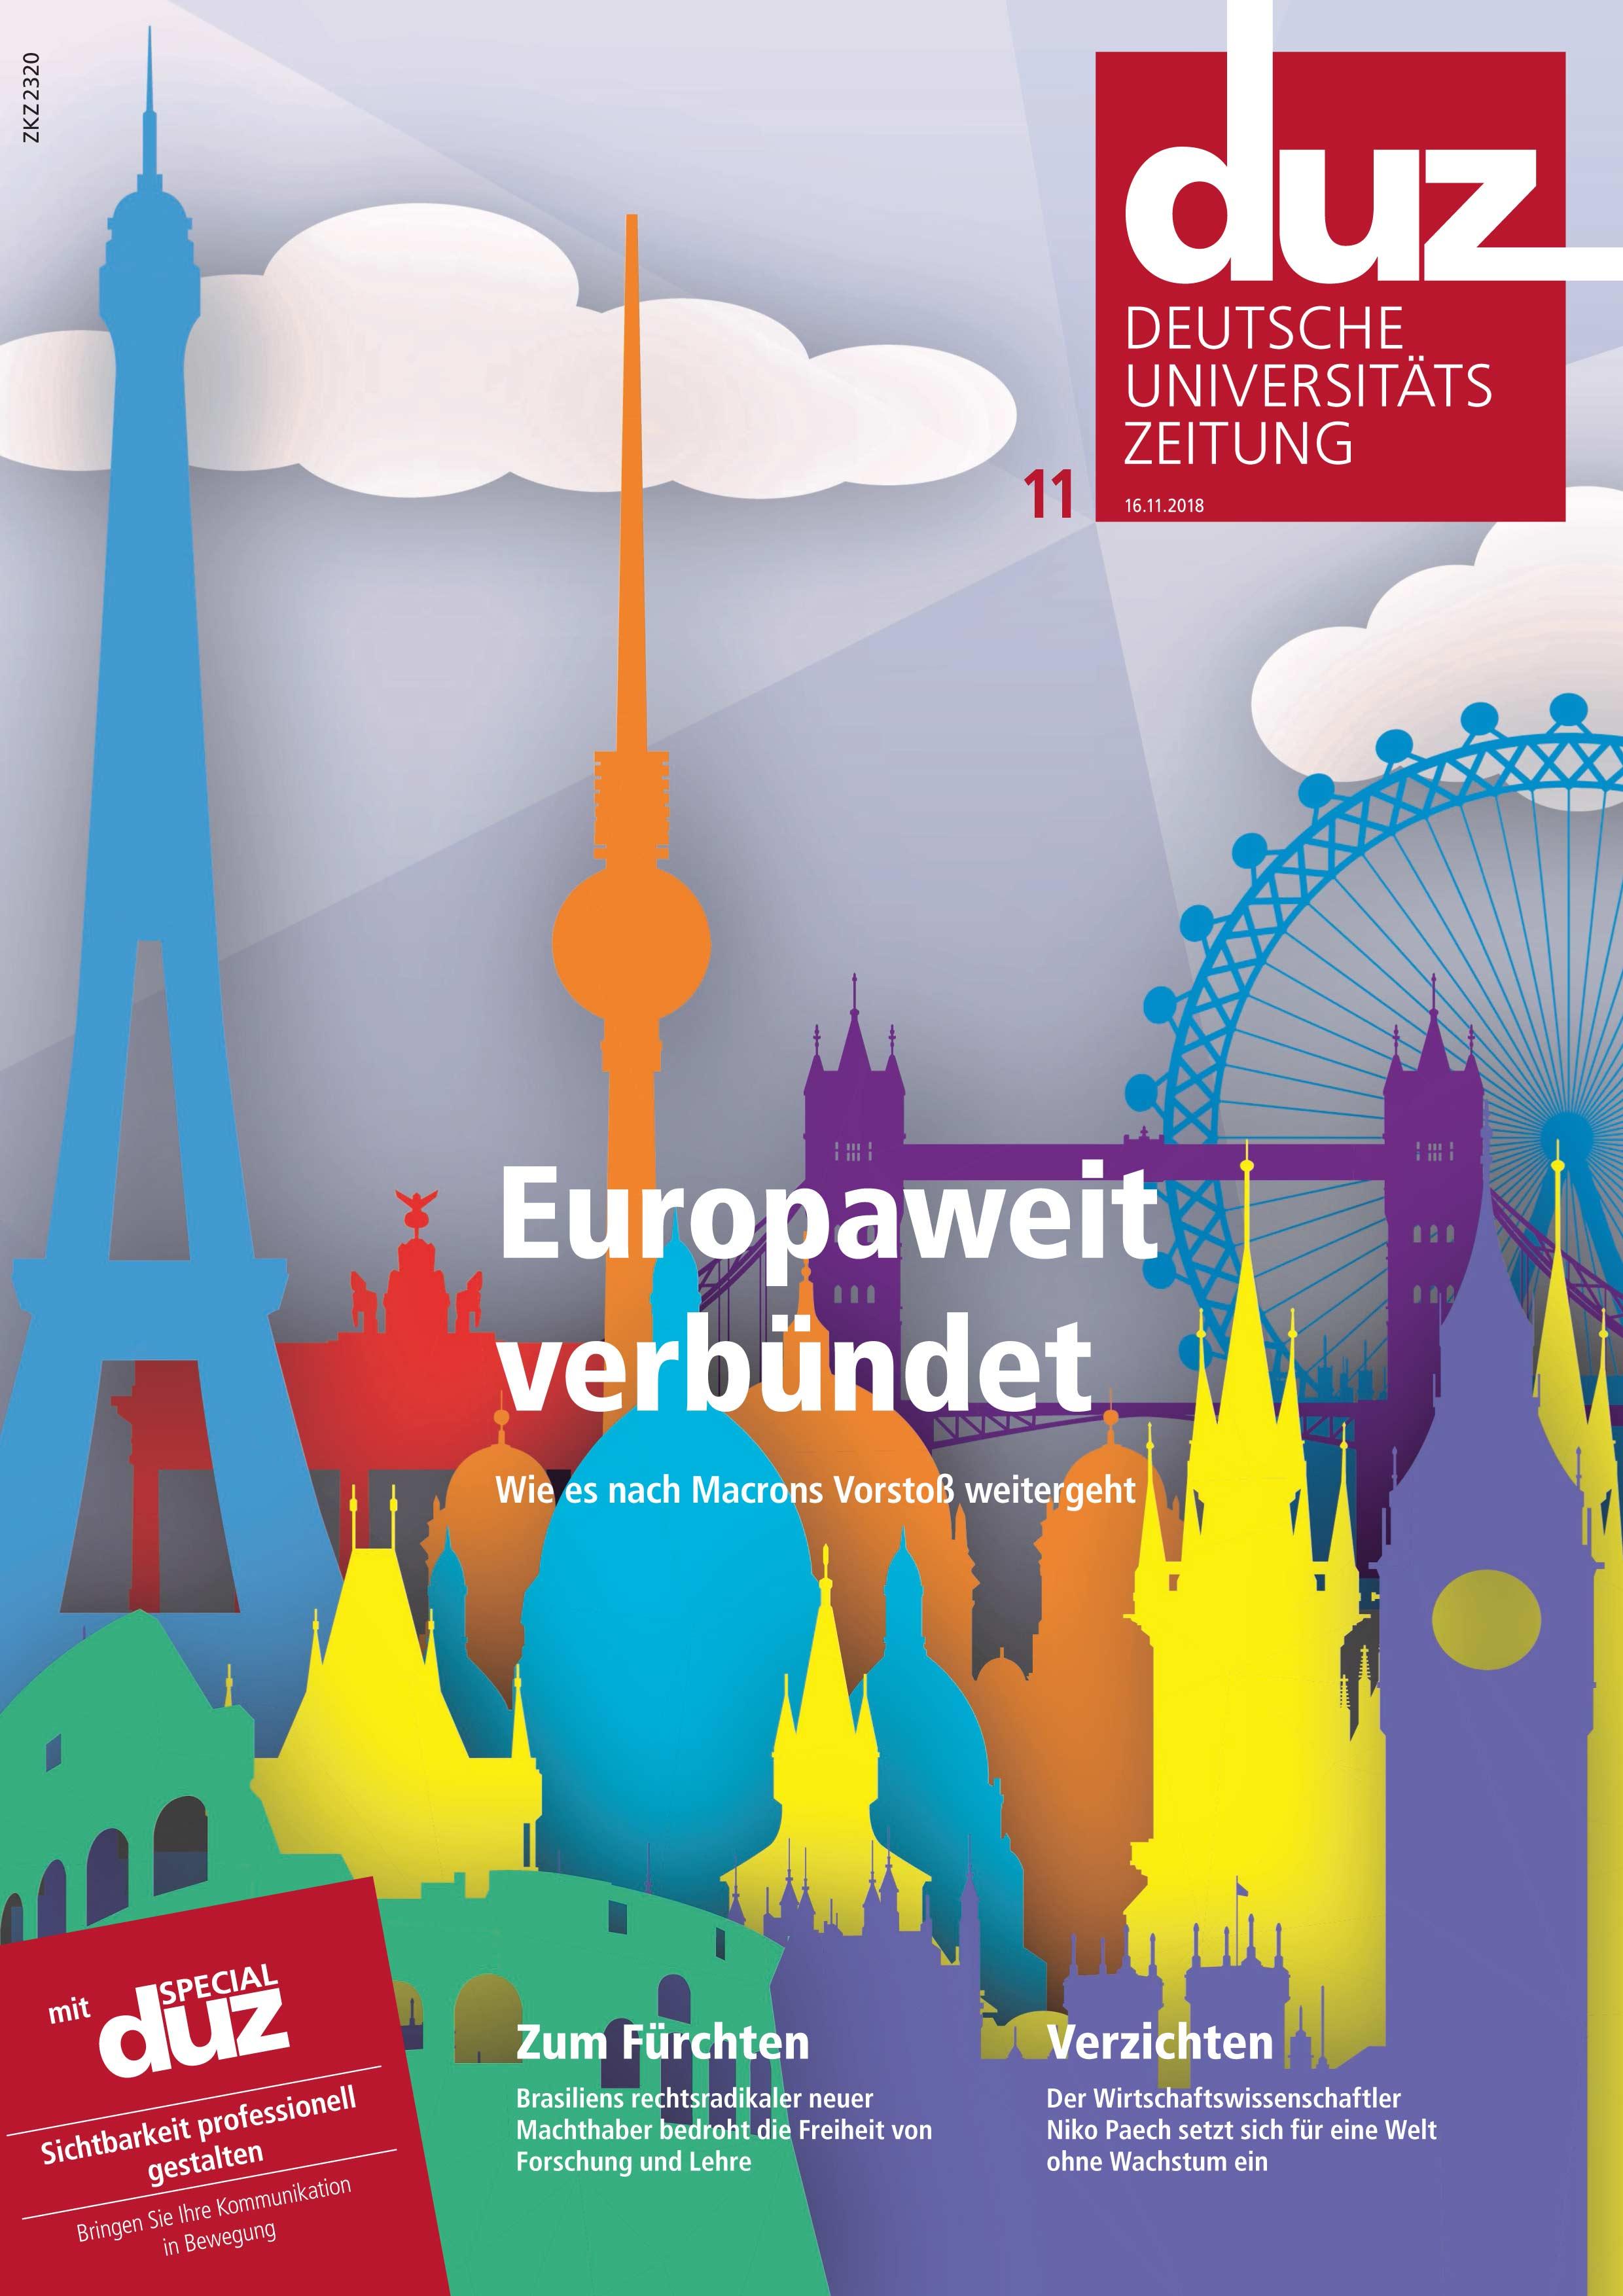 Deutsche Universitätszeitung